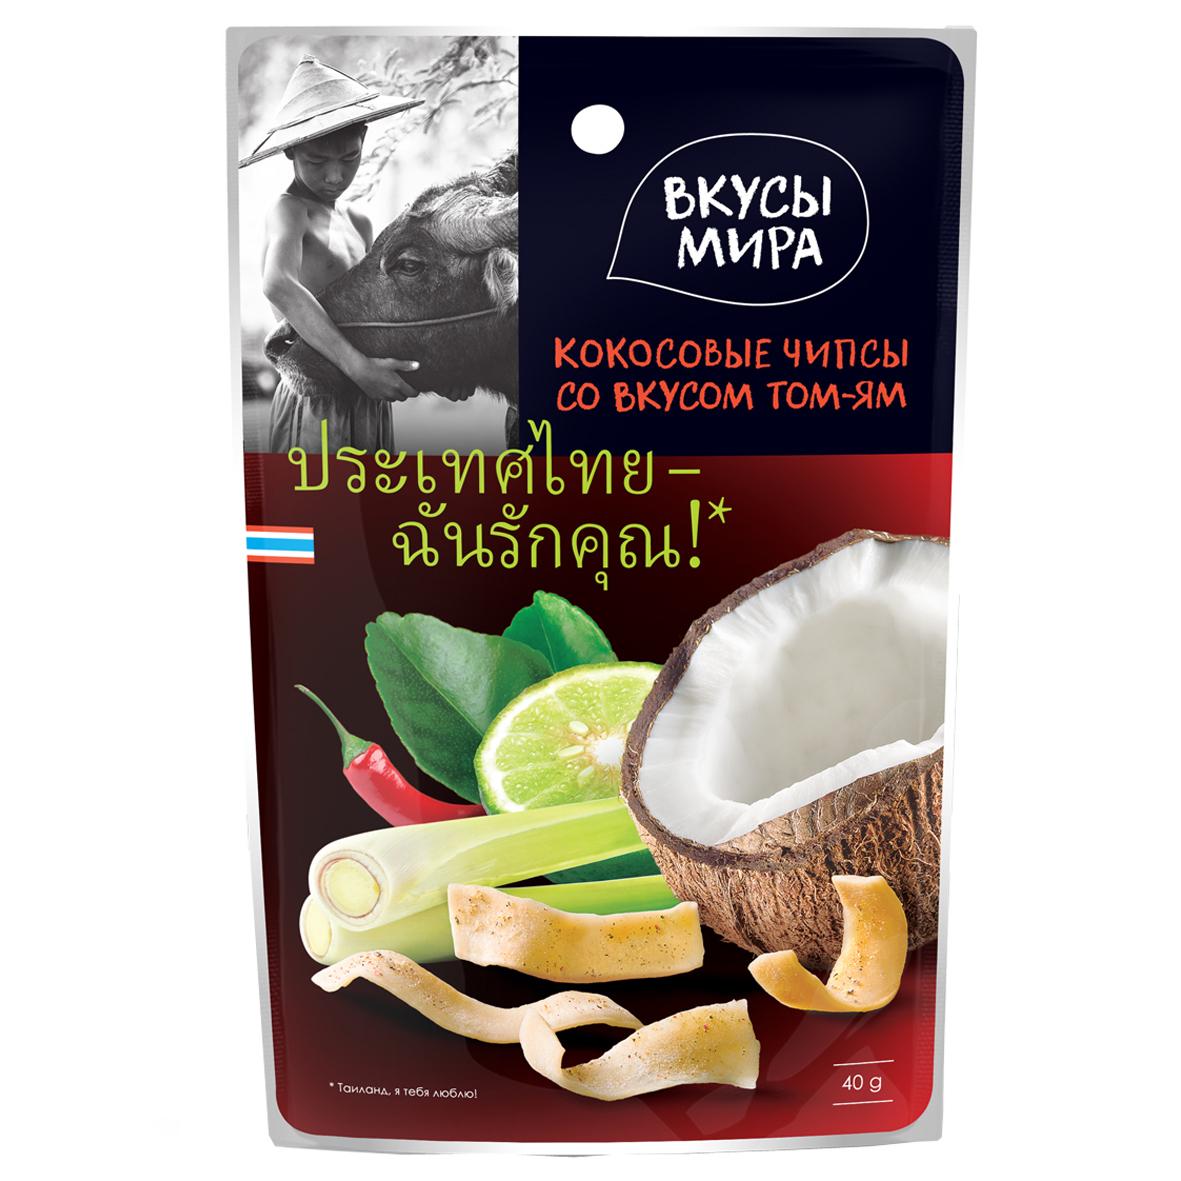 Кокосовые чипсы со вкусом том-ям 40 гр